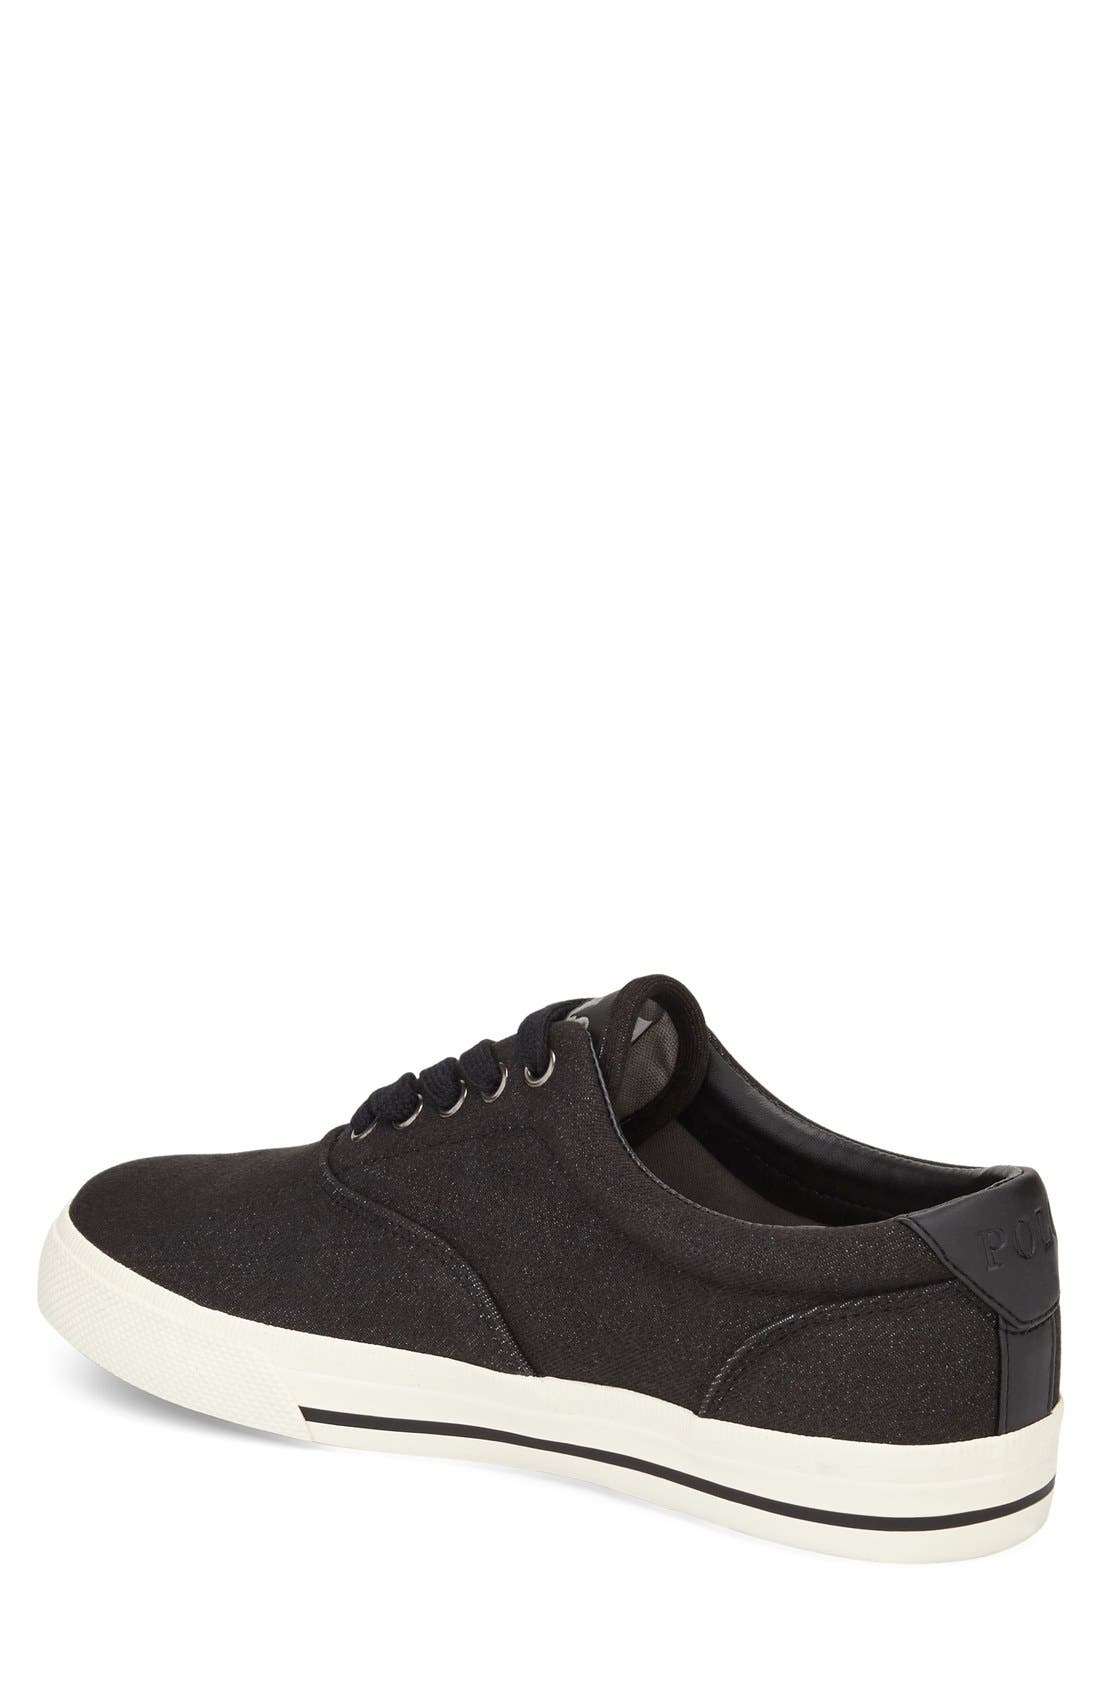 Vaughn Sneaker,                             Alternate thumbnail 27, color,